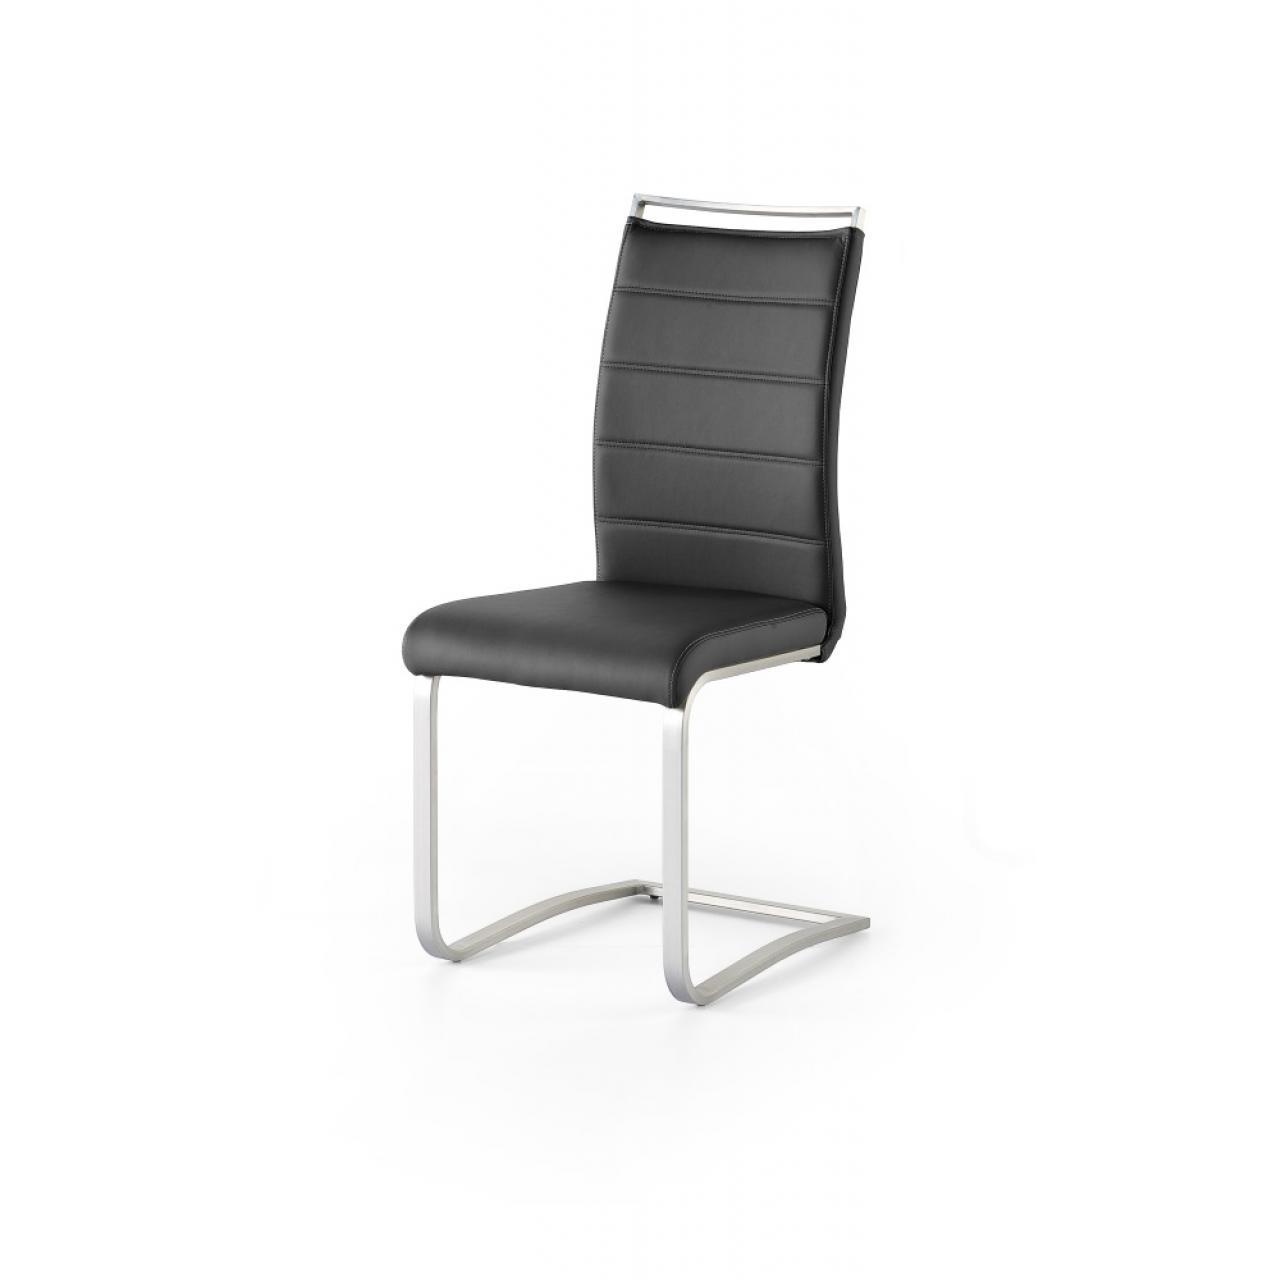 schwingstuhl pescara schwarz edelstahl schwinger. Black Bedroom Furniture Sets. Home Design Ideas